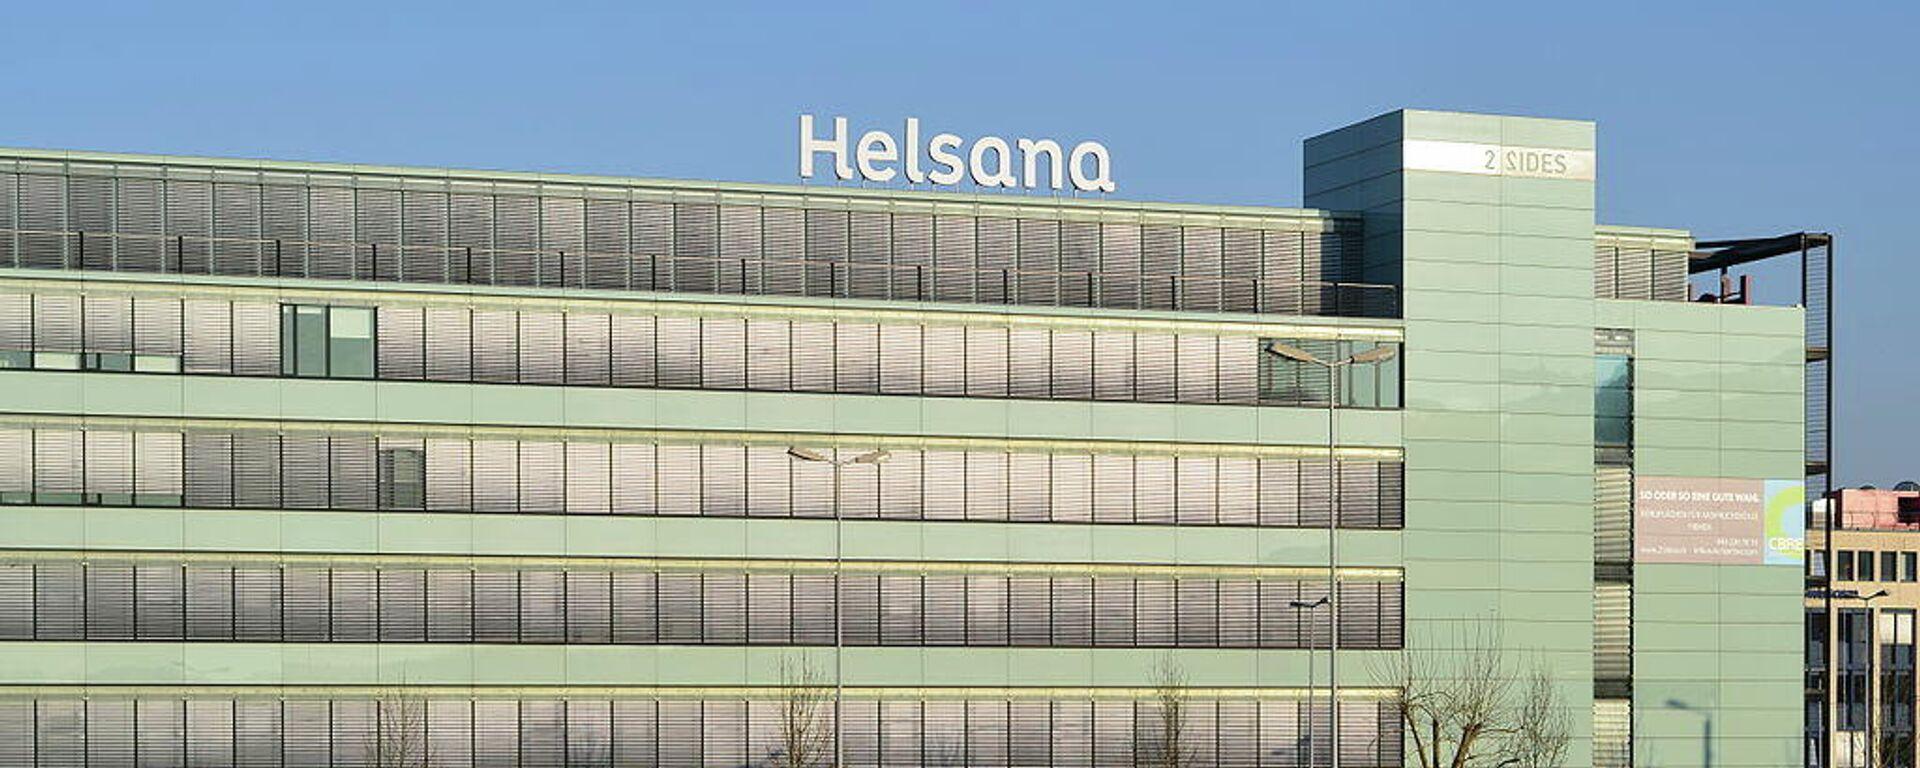 Verwaltungsgebäude der Helsana Krankenversicherung beim Bahnhof Zürich-Stettbach (Archivbild) - SNA, 1920, 23.02.2021